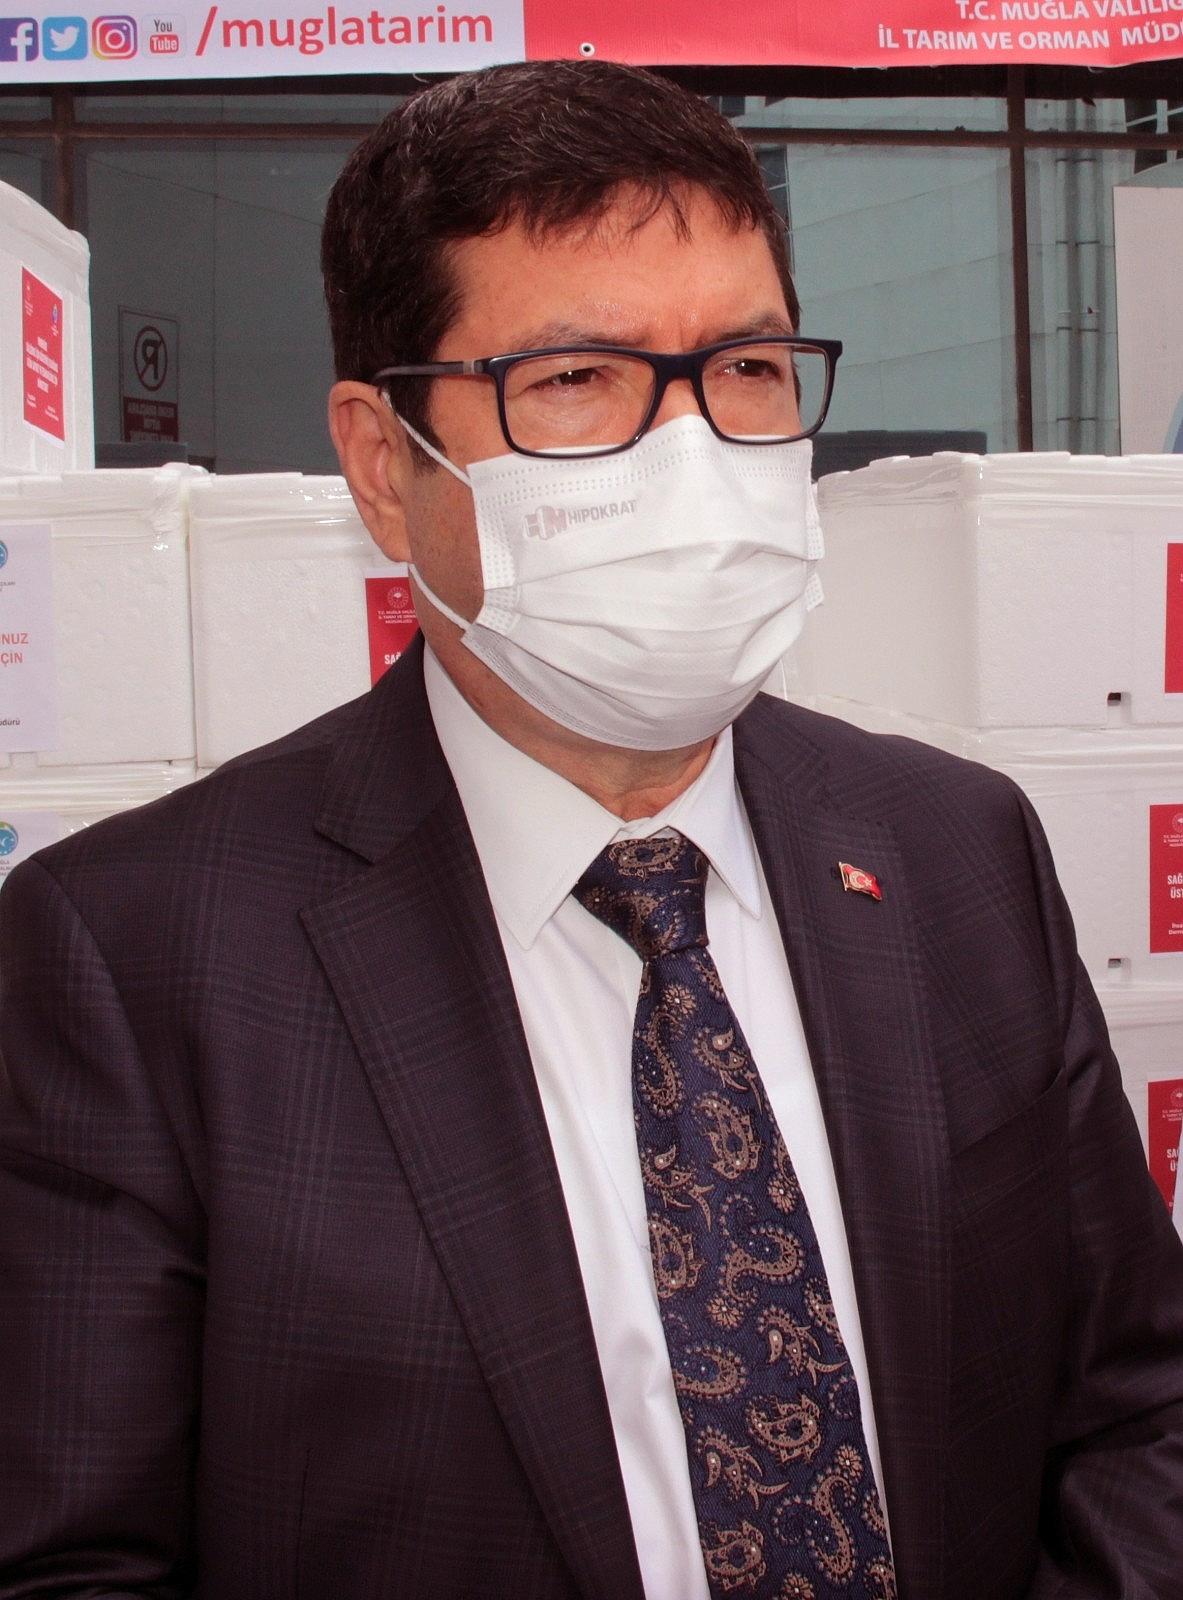 2021/05/pandemide-mugladan-410-milyon-dolarlik-balik-ihracati-20210512AW31-6.jpg